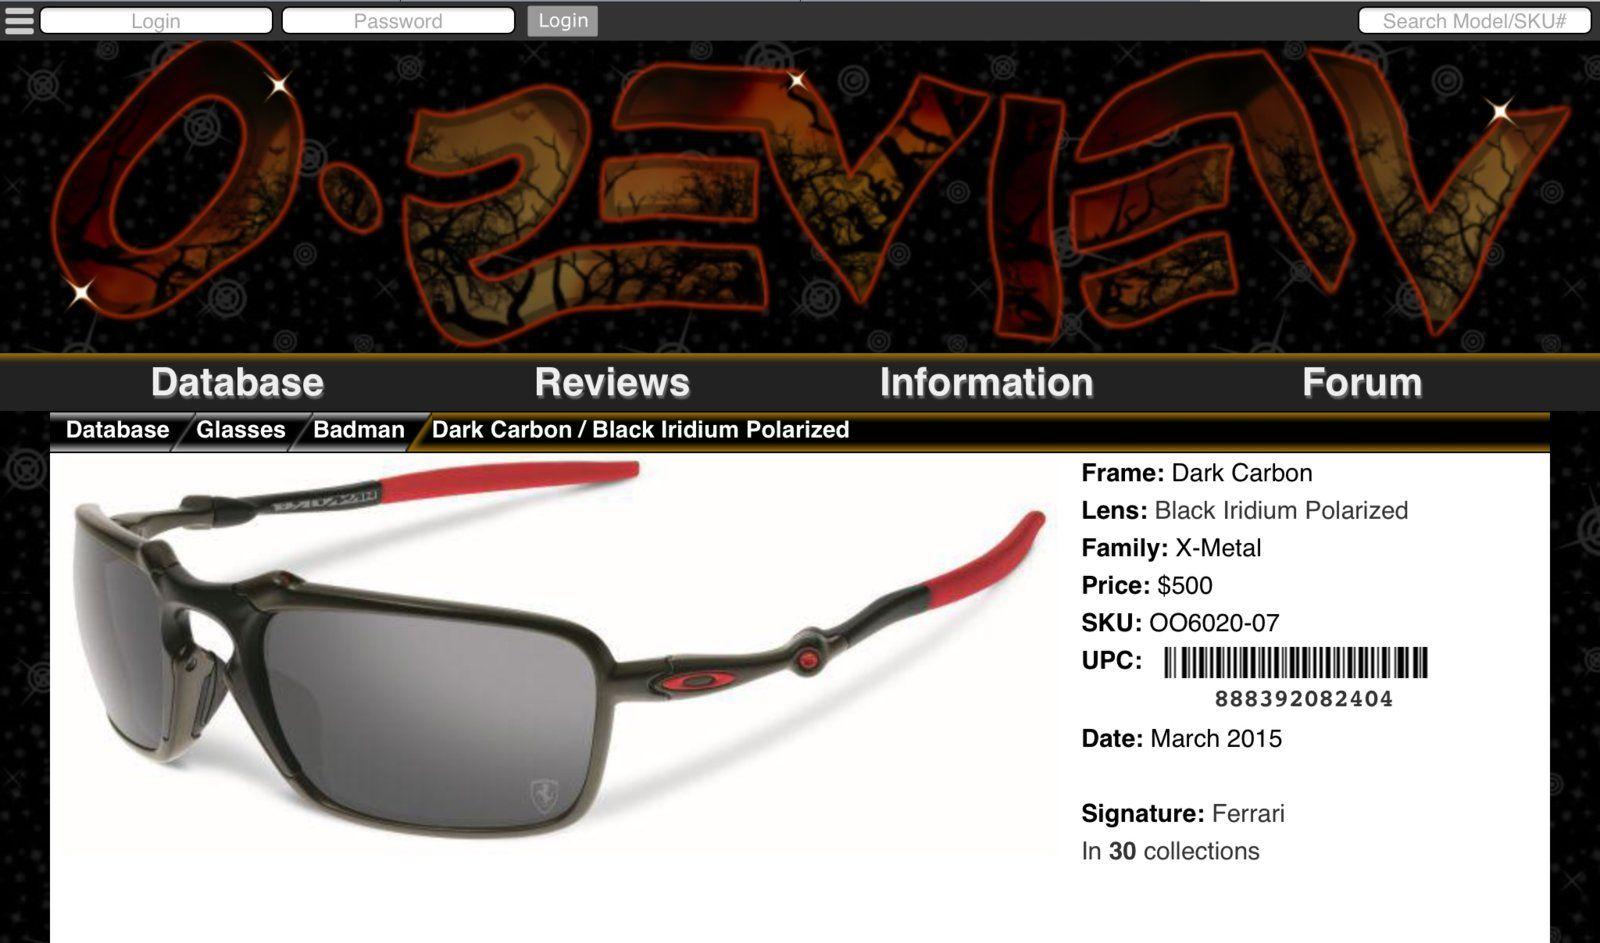 fa65314890 Oakley Badman Scuderia Ferrari Sunglasses (New) - 5B5EA9AA-52CD-4084-A927